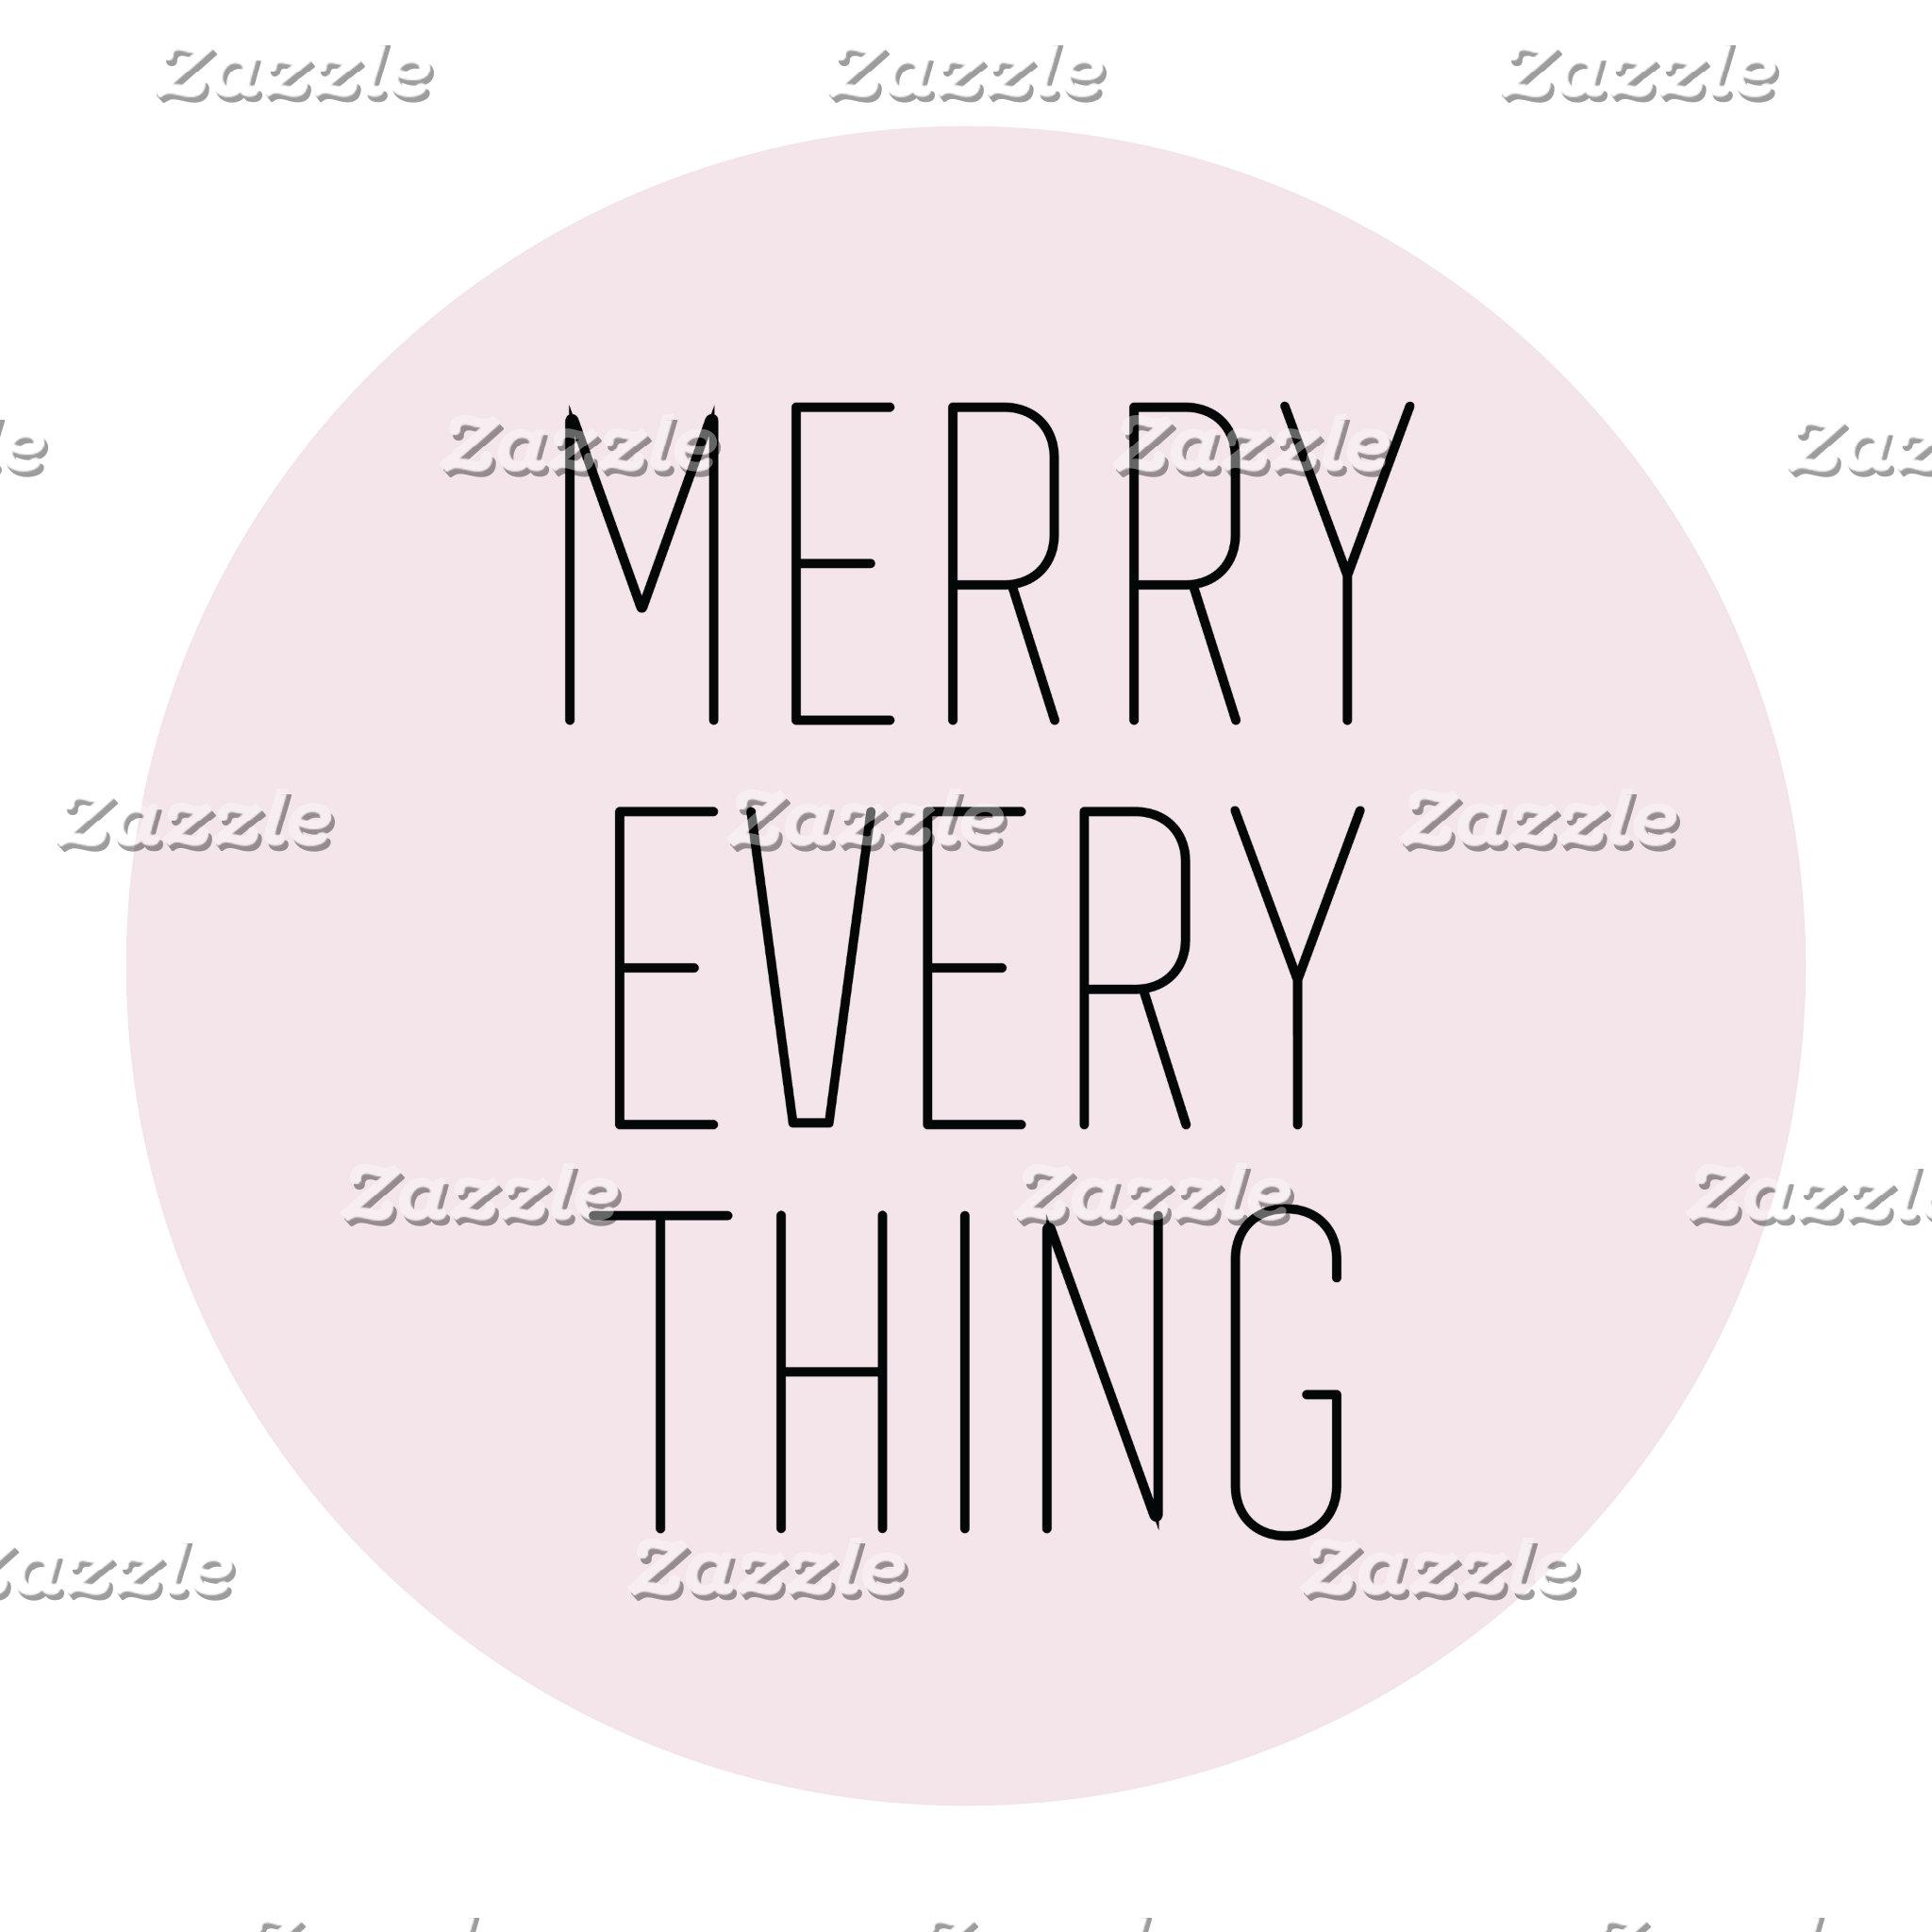 5. happy holidays